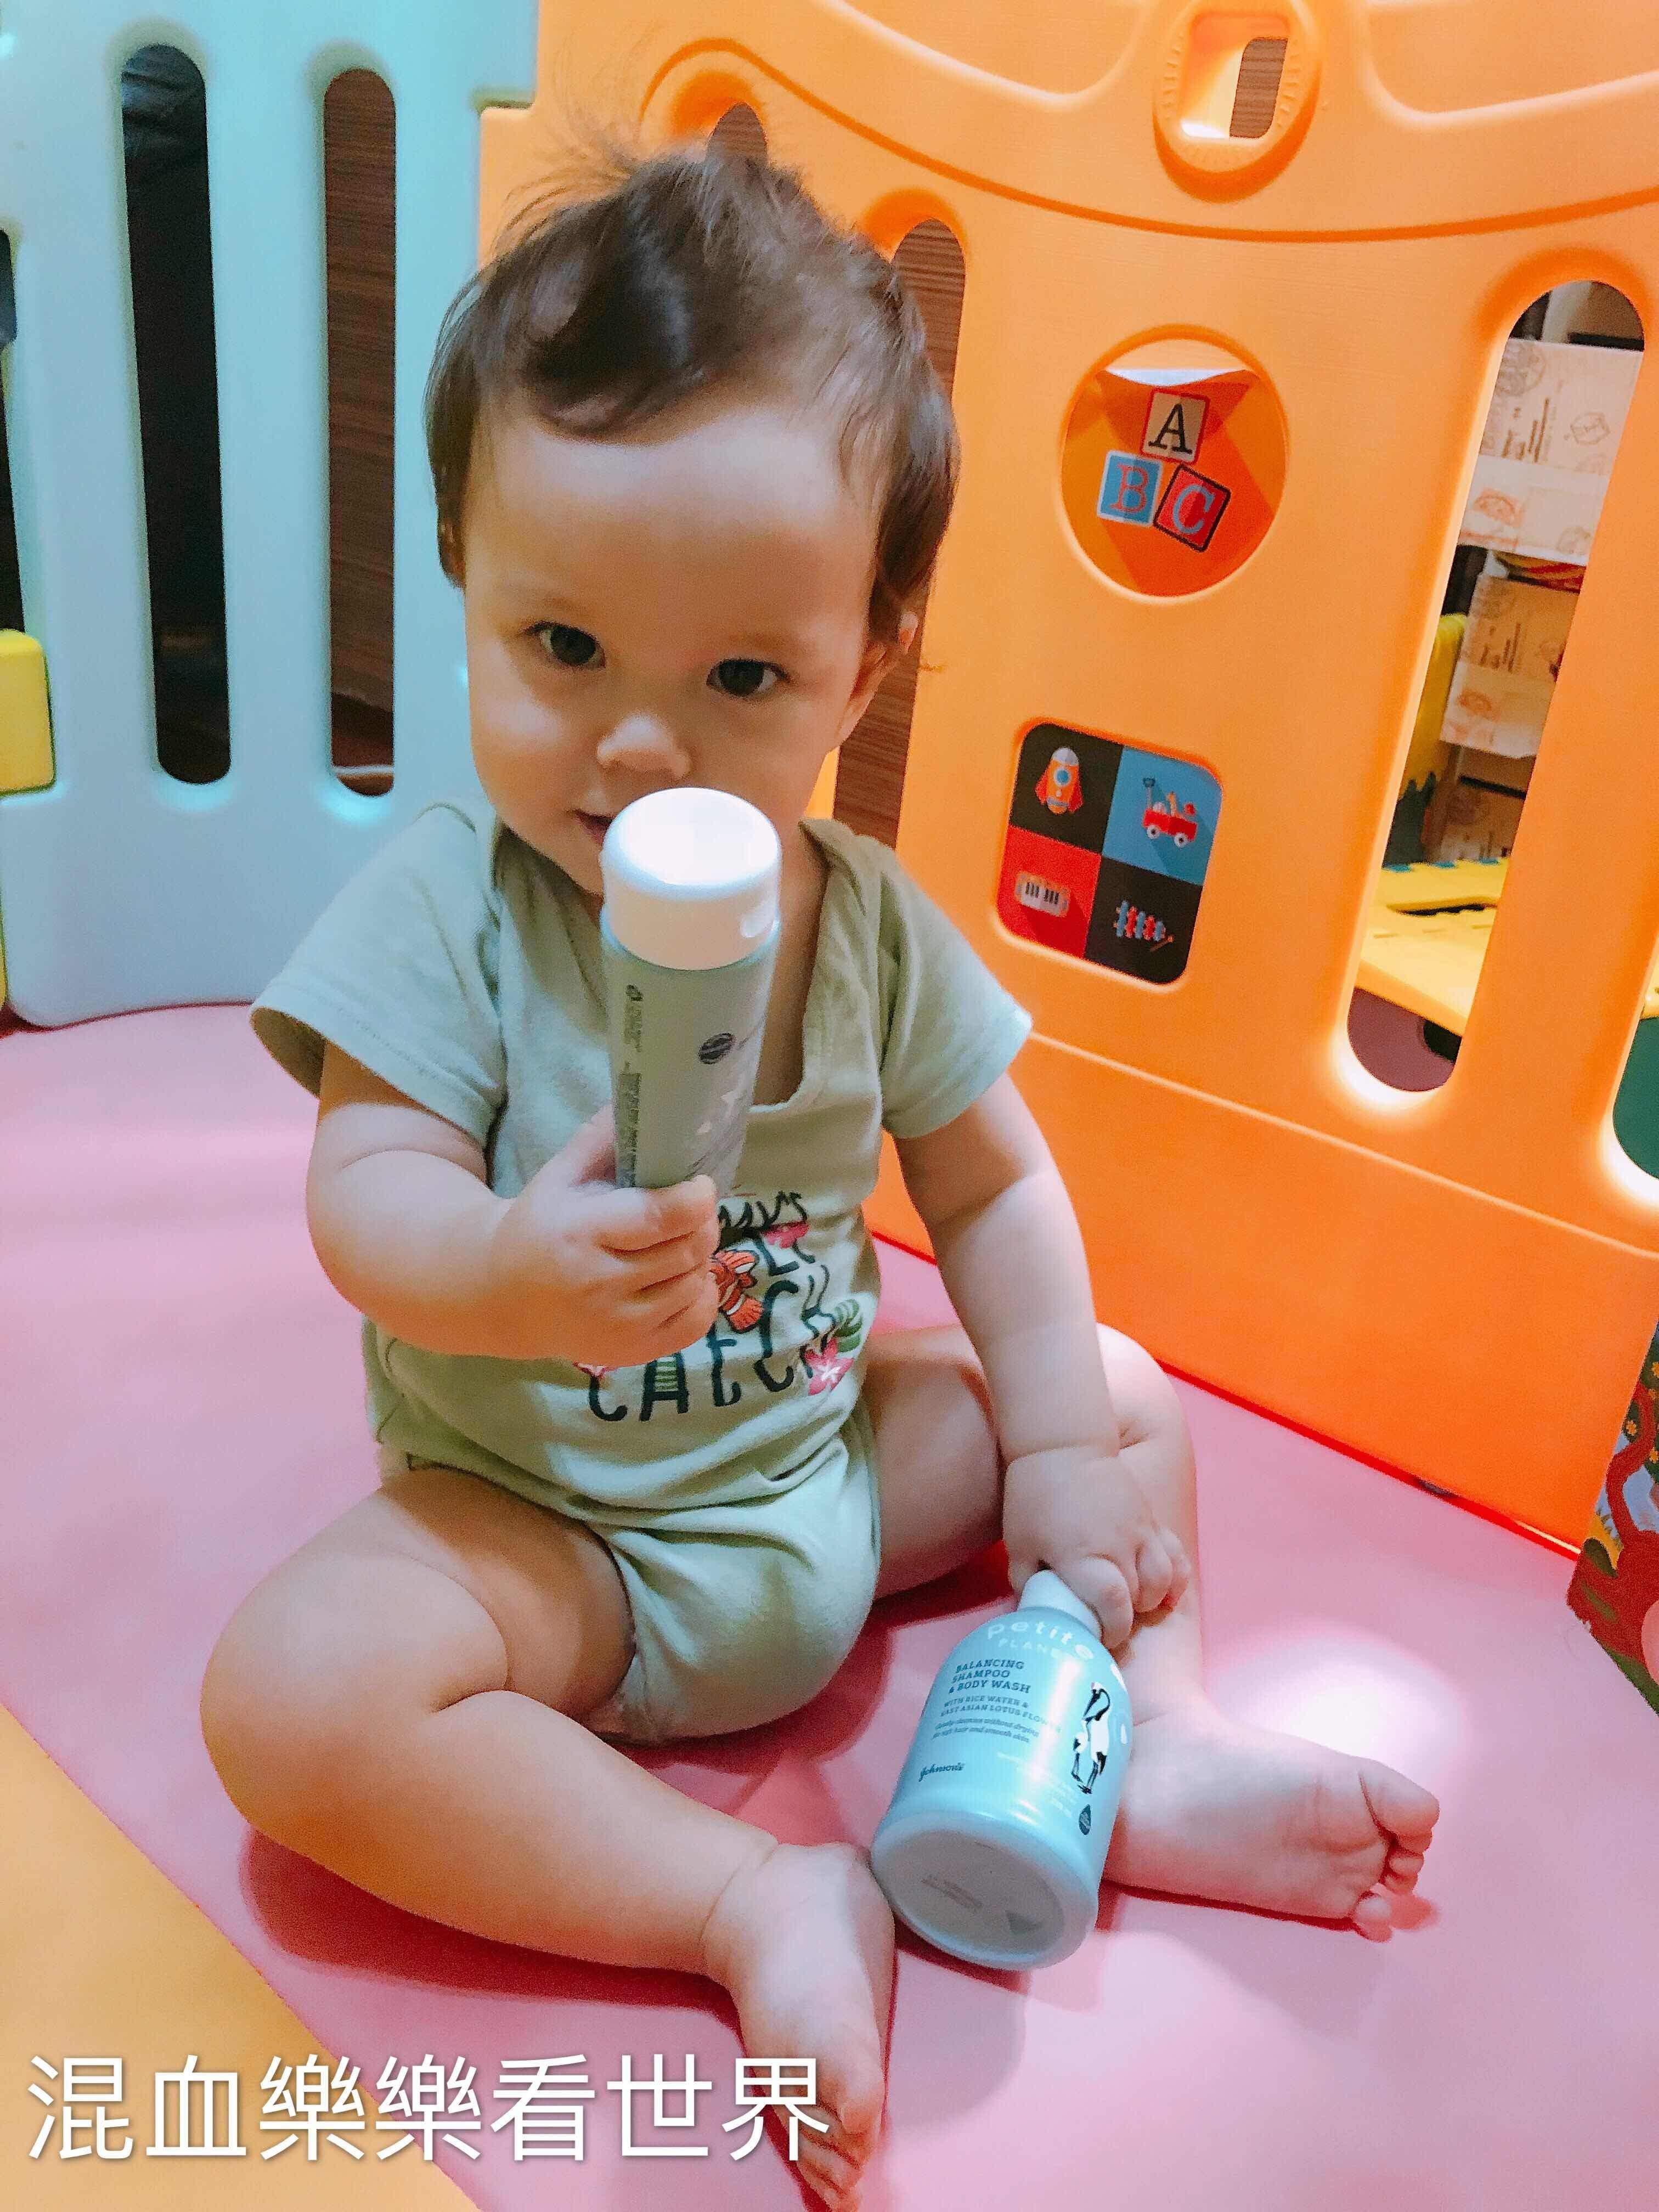 【育兒小物】《我的小星球 Petite Planet》高質感嬰兒洗沐用品 讓全世界的母親一起呵護你的寶寶